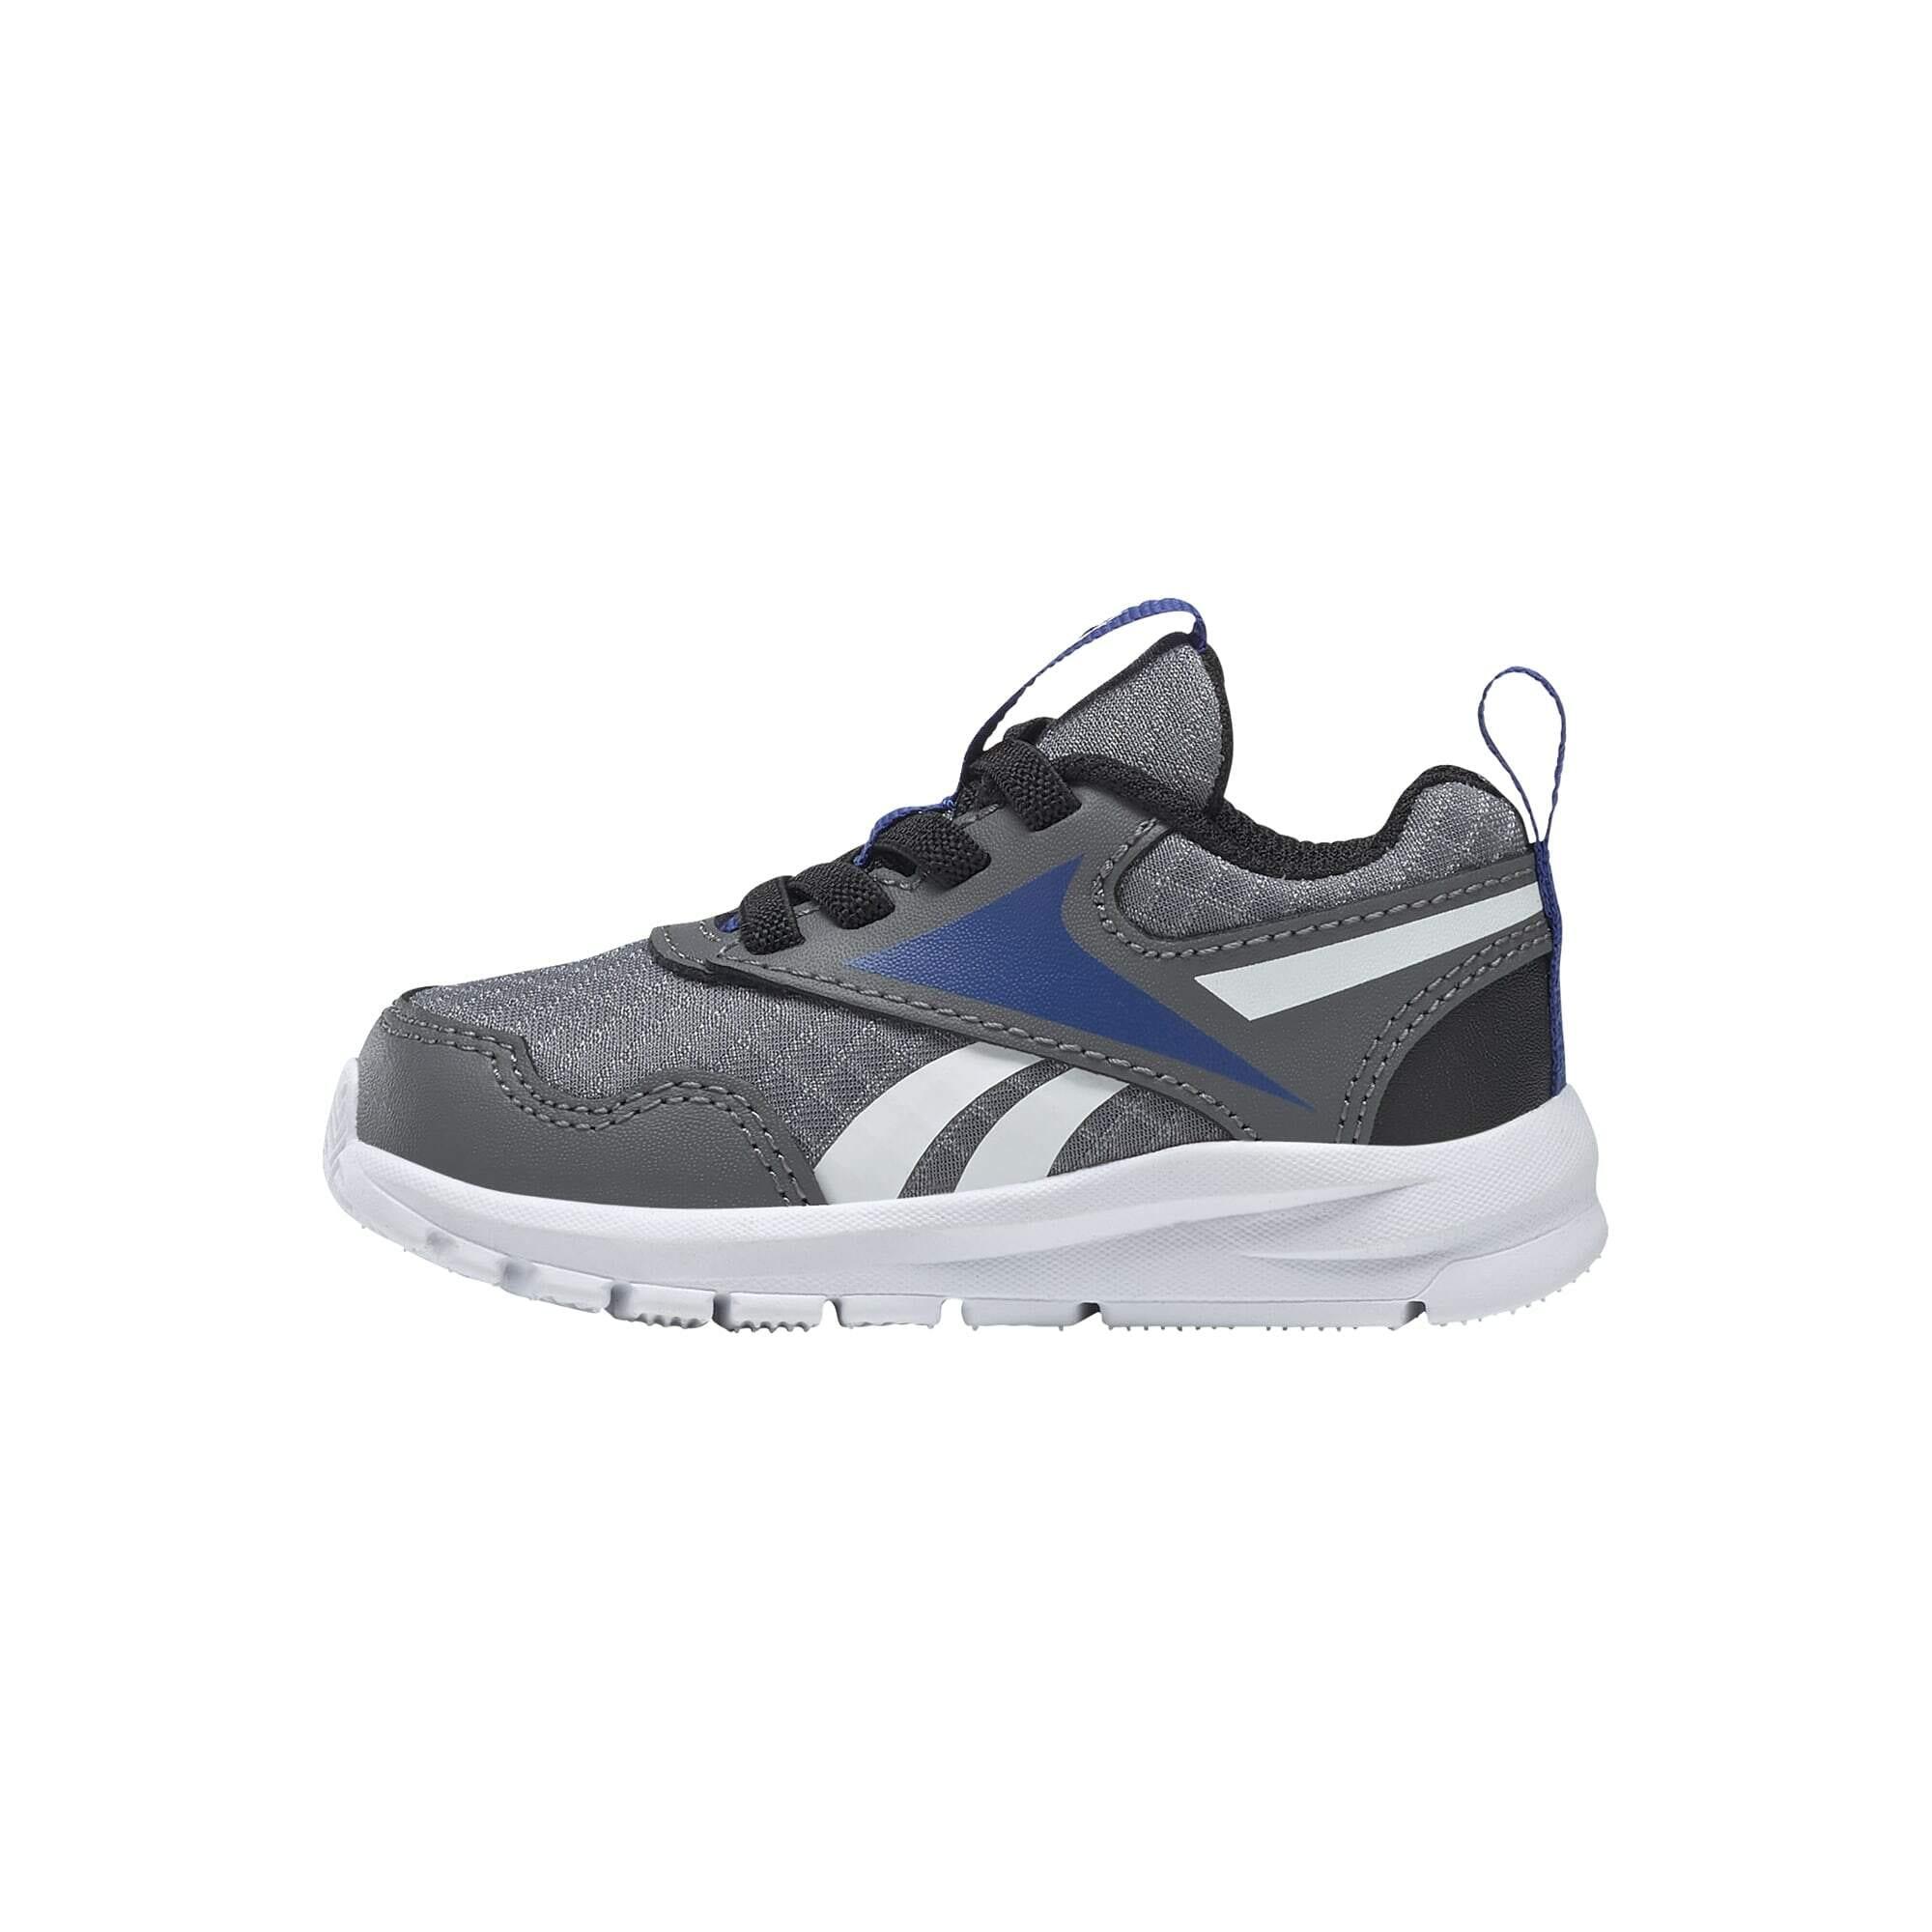 REEBOK Sportiniai batai 'Sprinter' akmens / balta / juoda / mėlyna